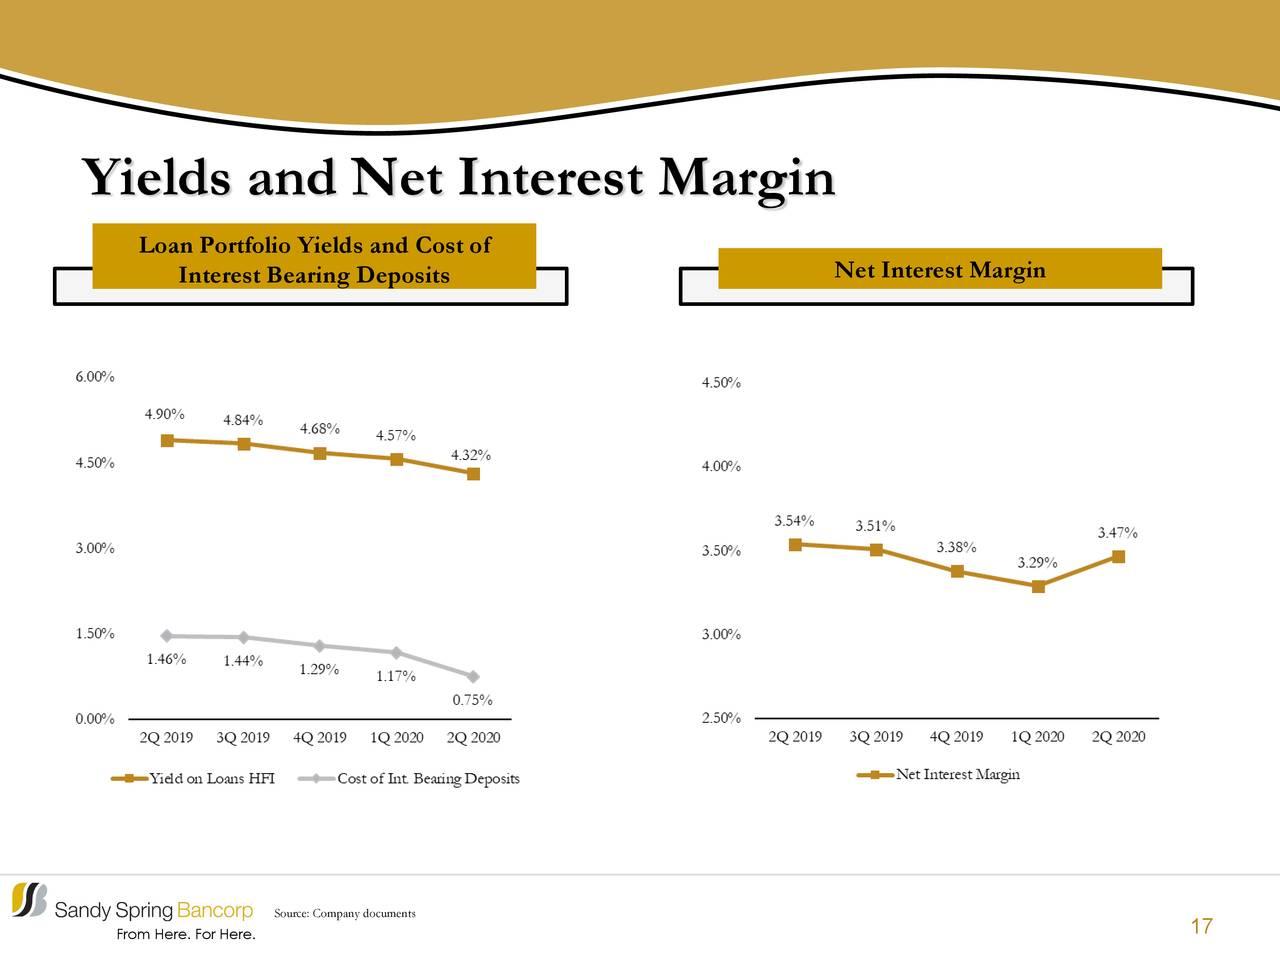 Rendimientos y margen de interés neto